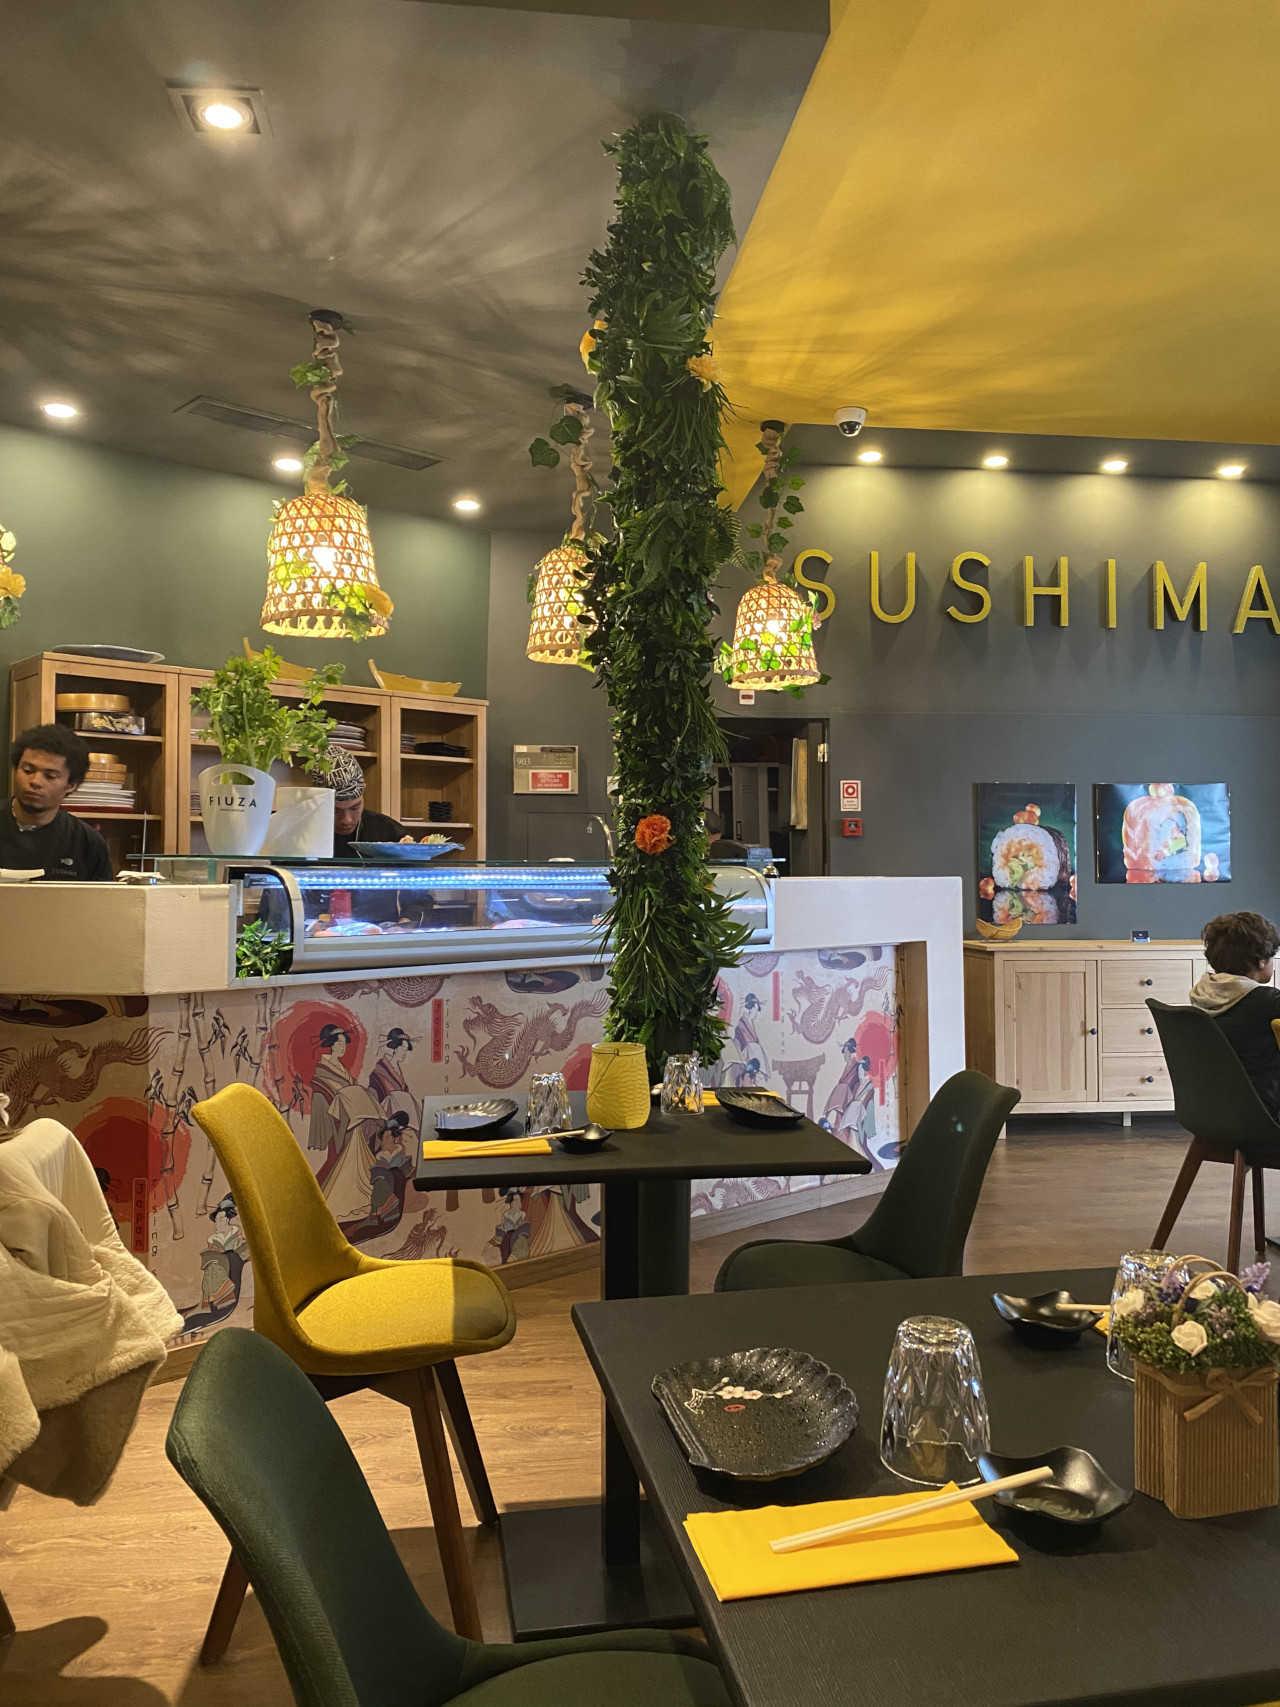 sushima setubal 1